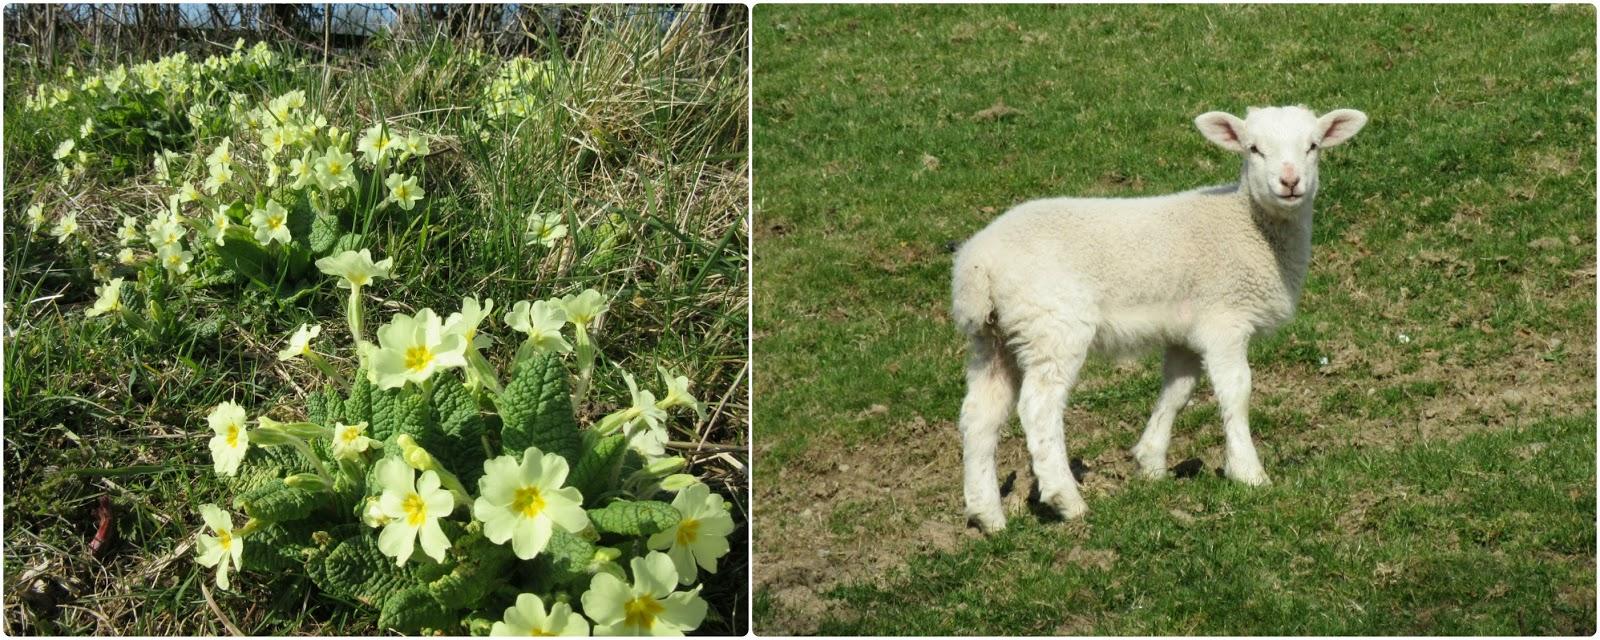 Primroses and lamb